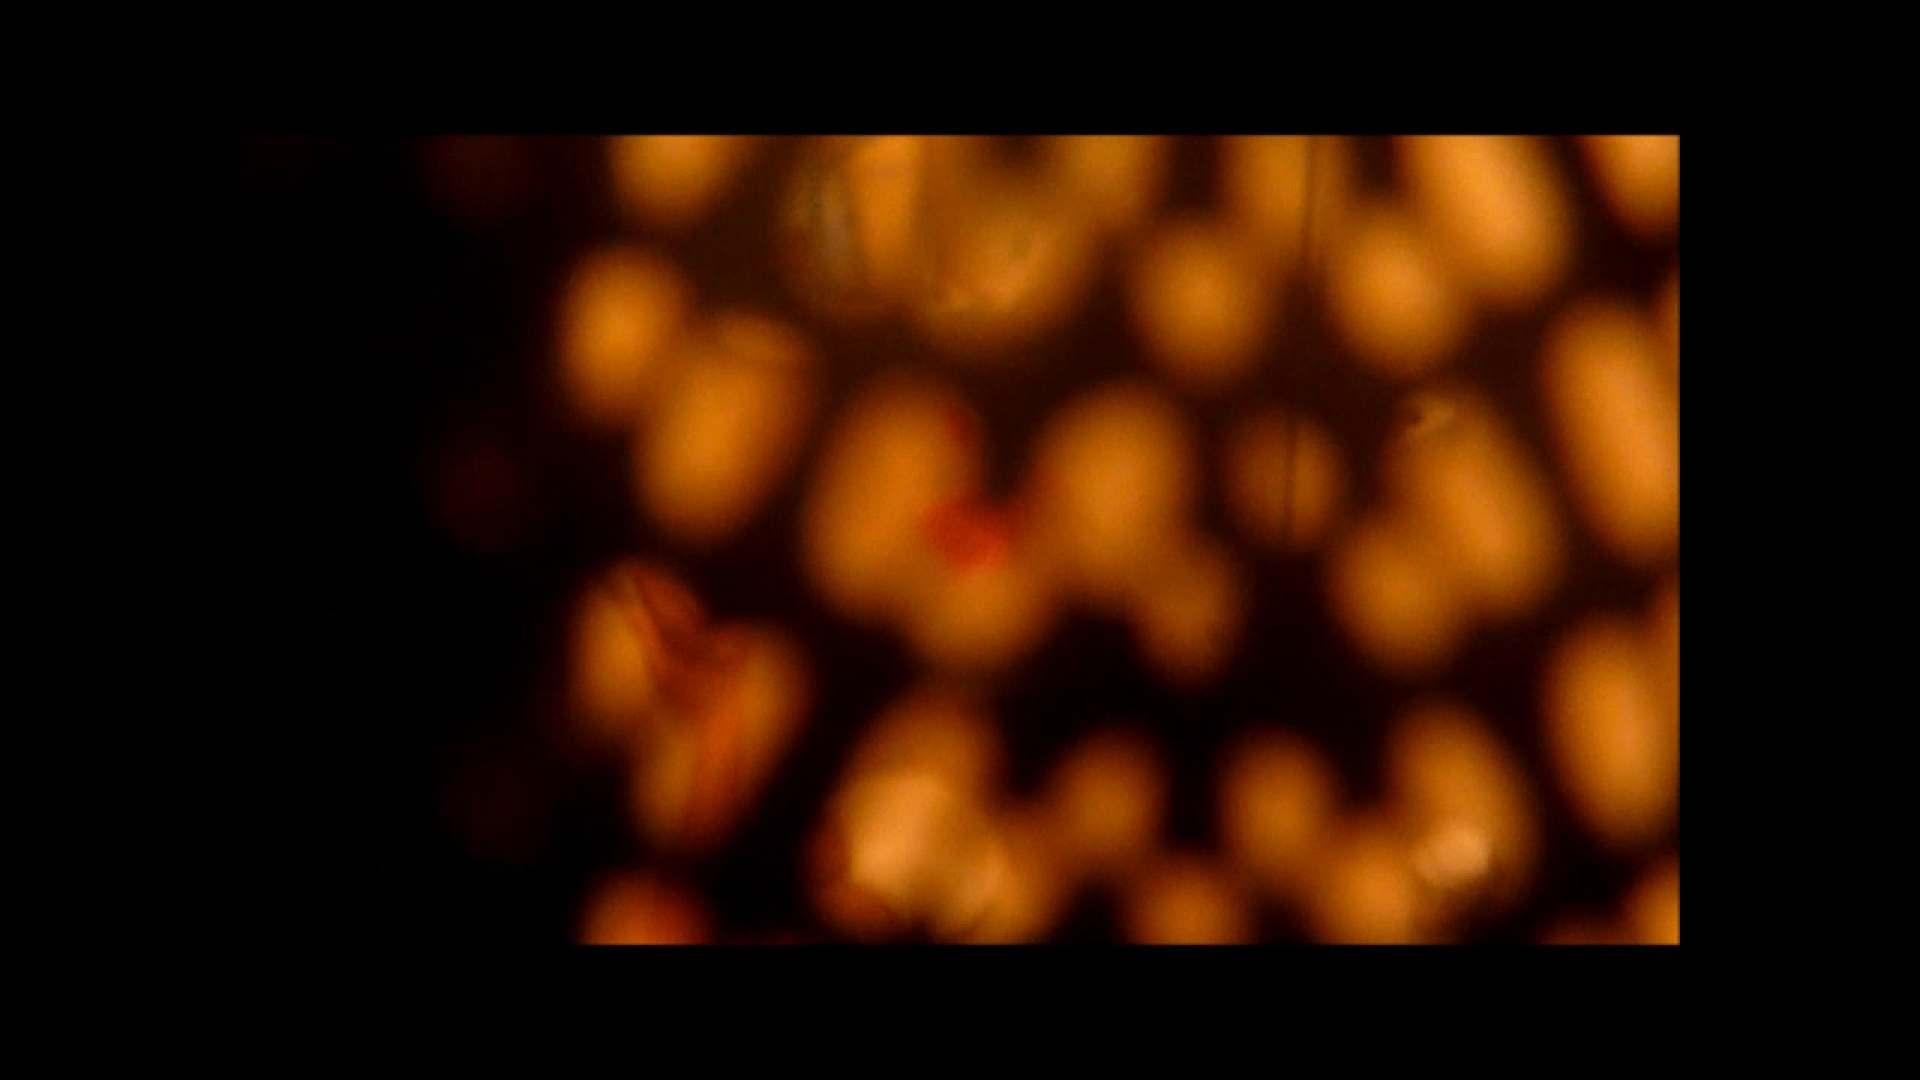 【02】ベランダに侵入して張り込みを始めて・・・やっと結果が出ました。 家宅侵入   0  107pic 77